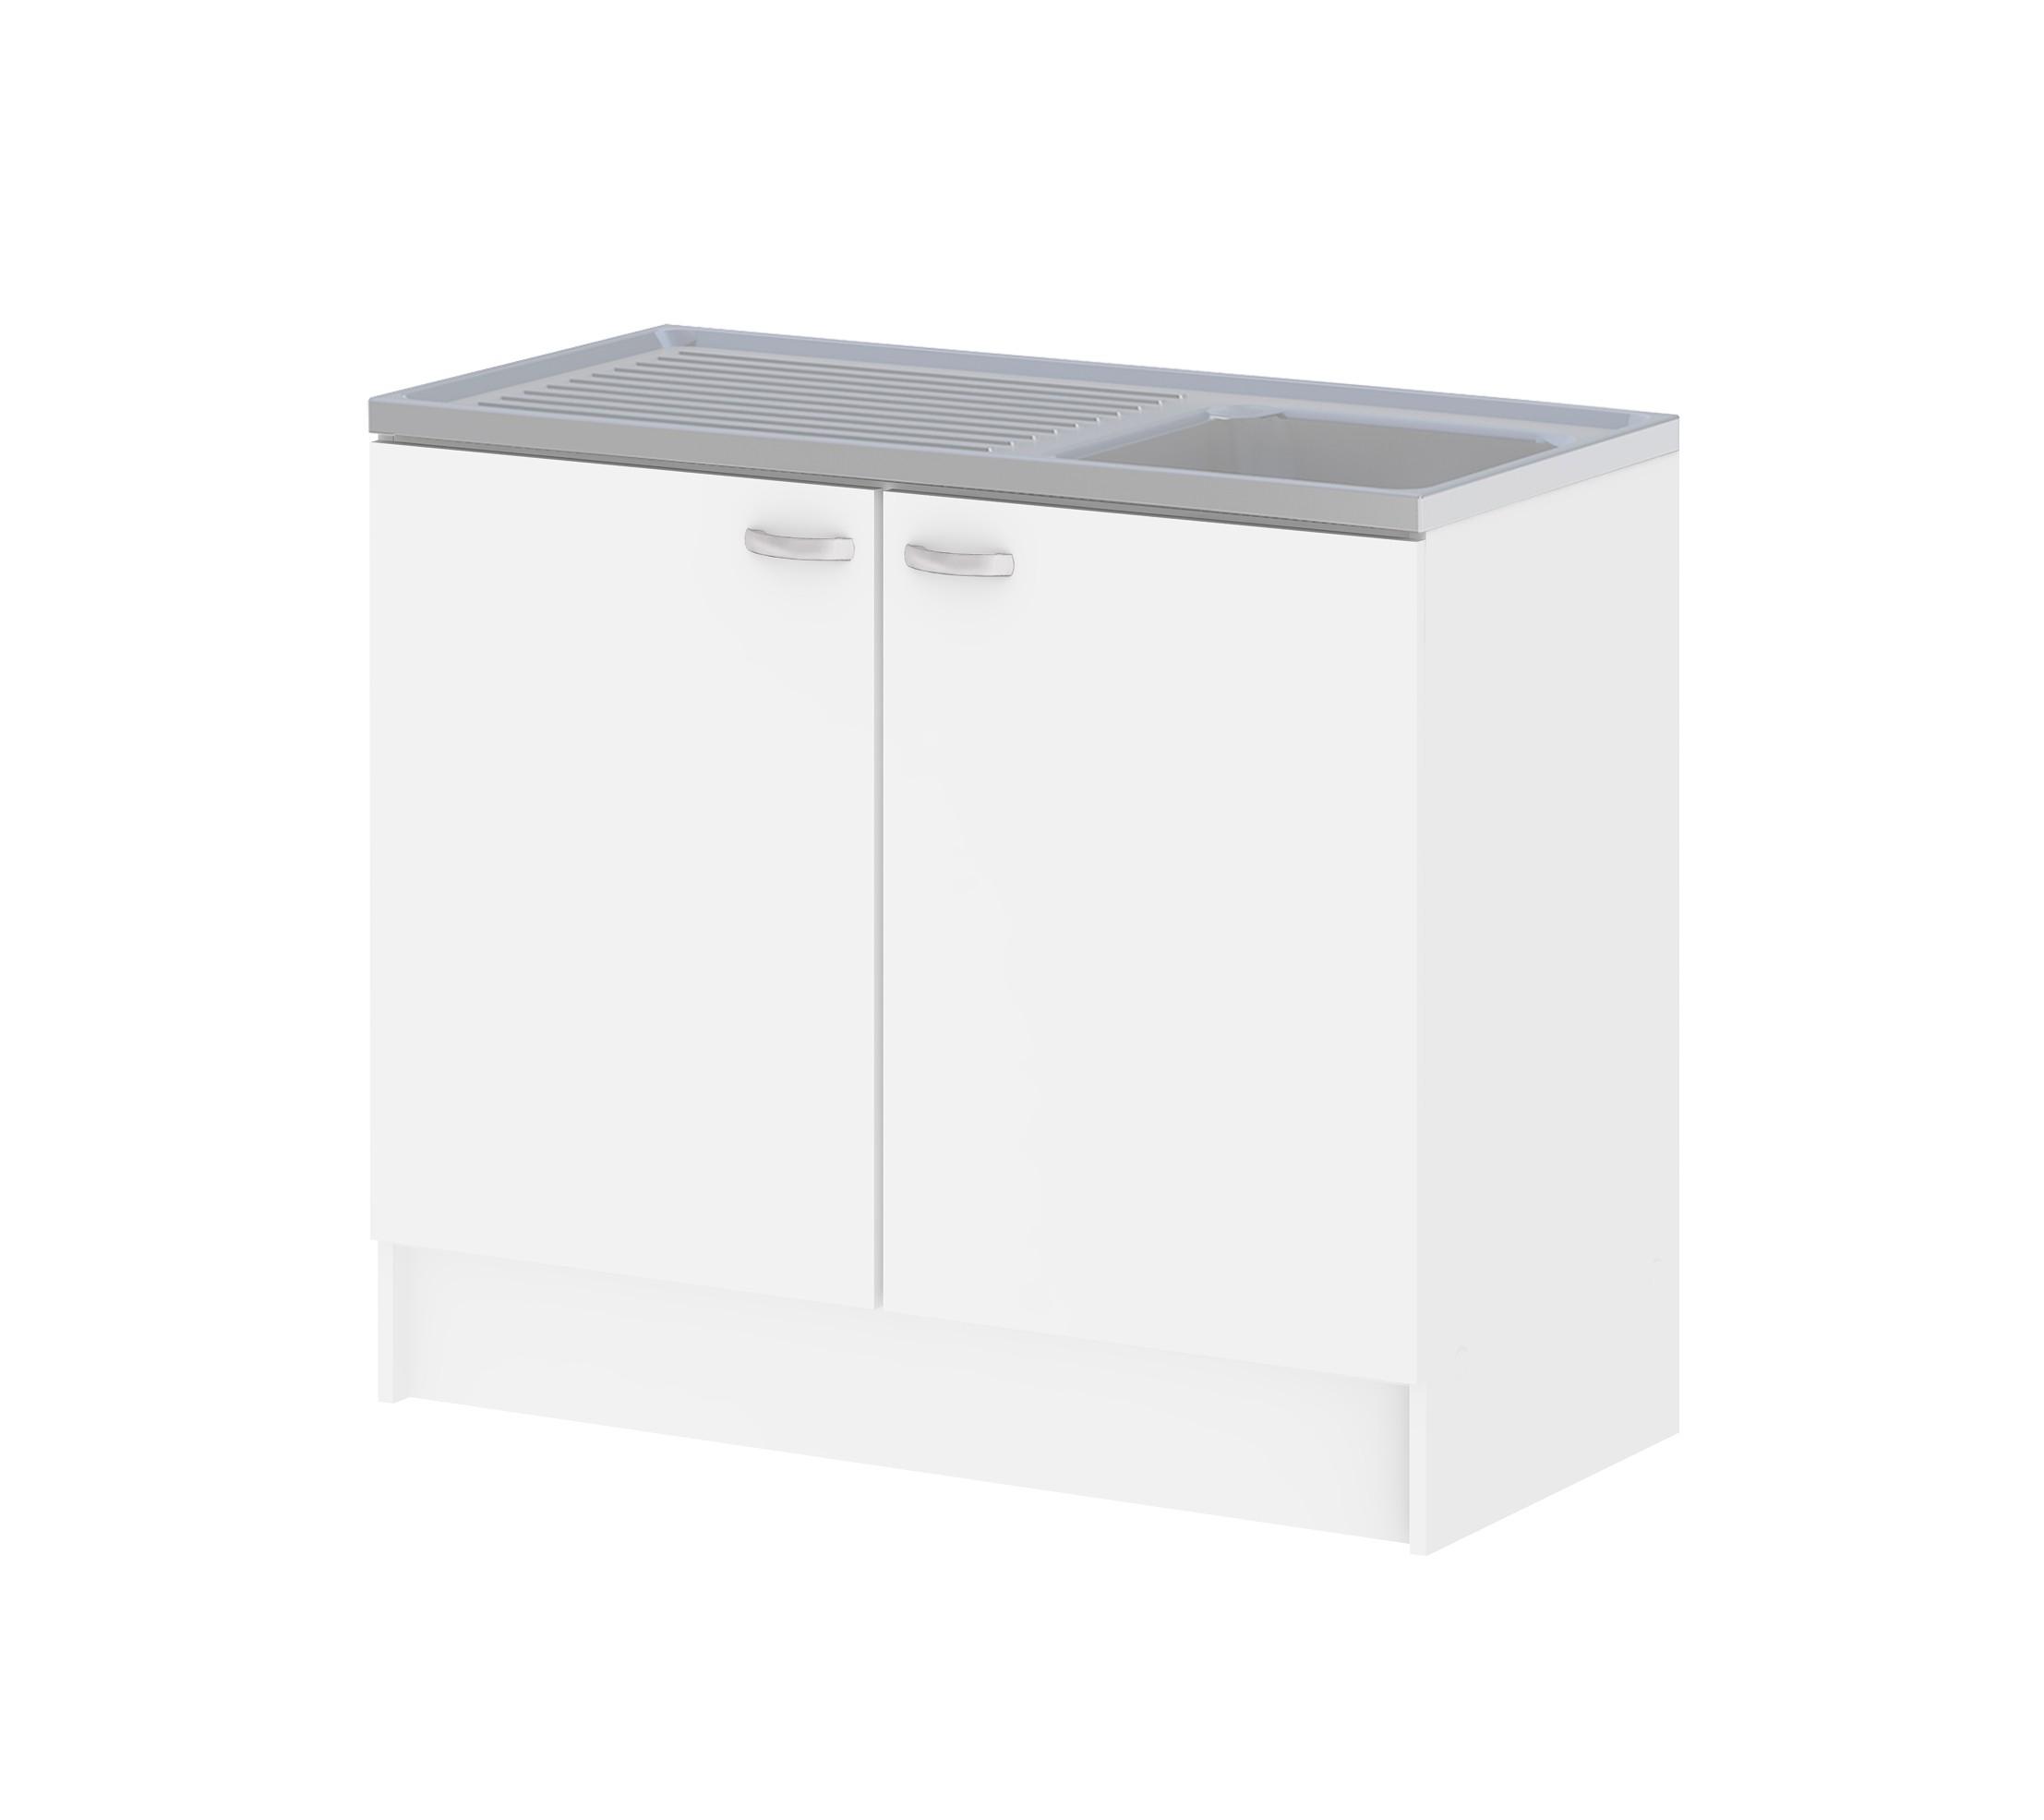 Organiser Meuble Sous Evier meuble de cuisine sous évier casa blanc avec 2 portes - mr.bricolage